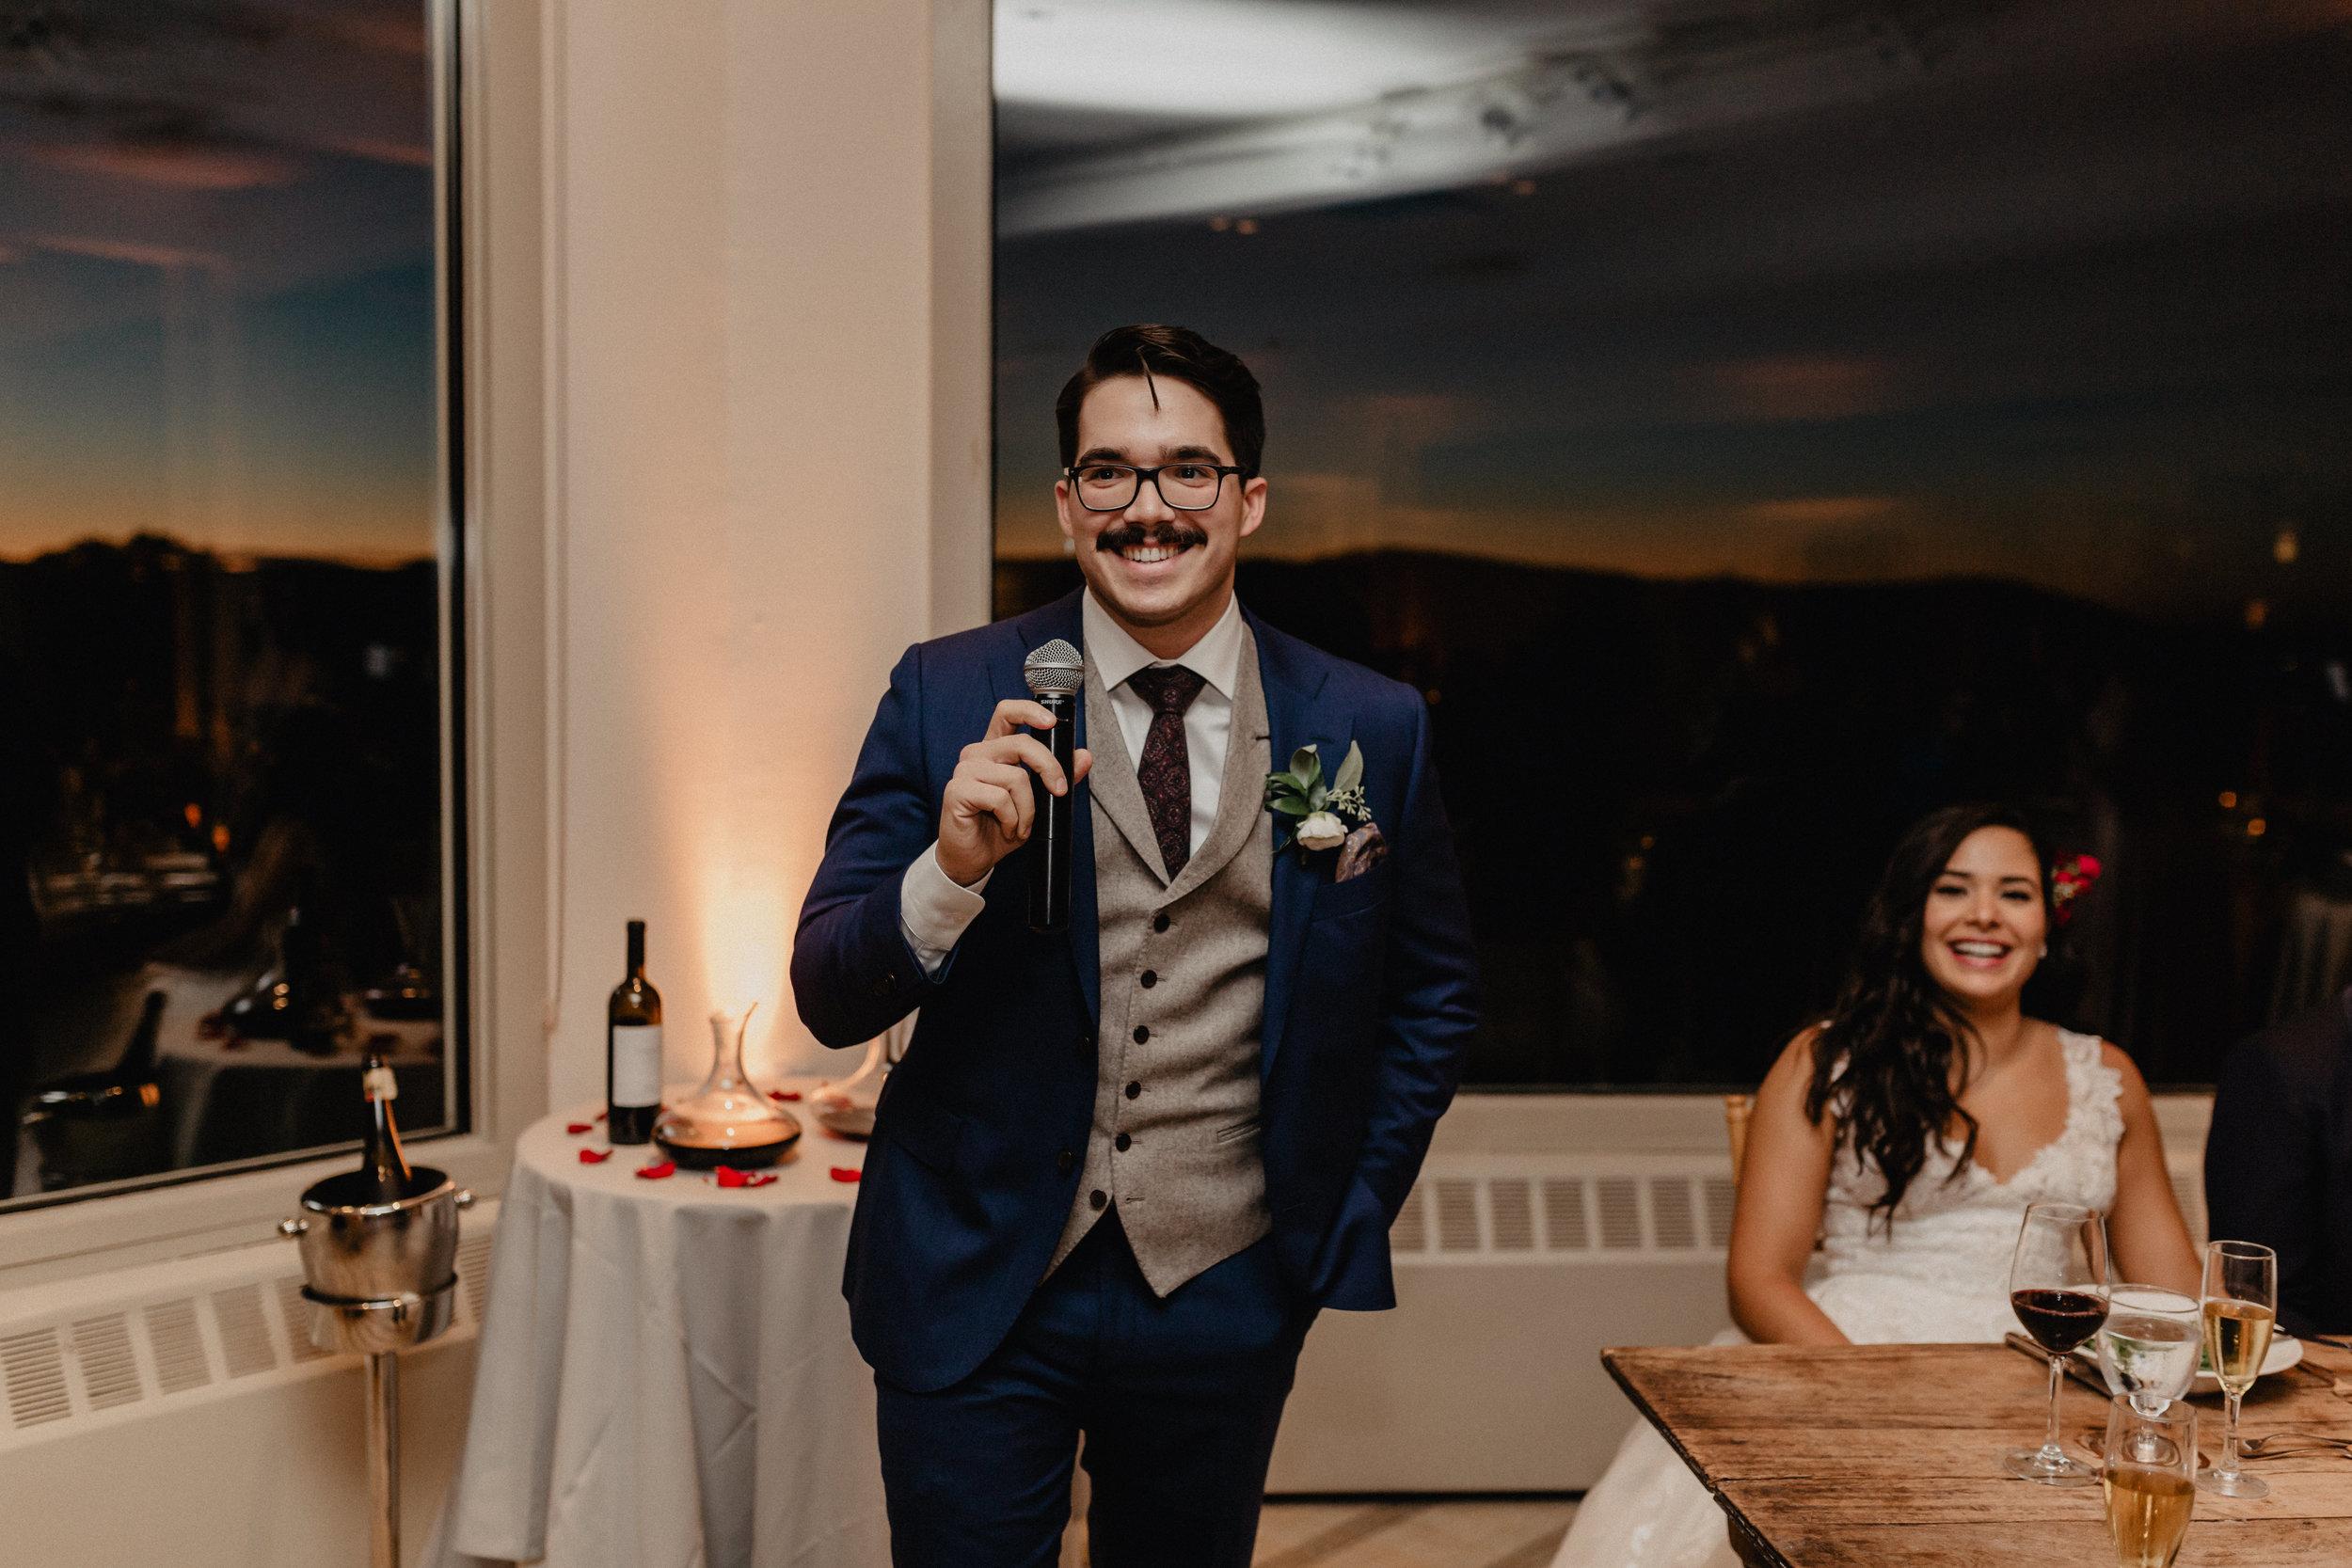 garrison_wedding_photos_092.jpg